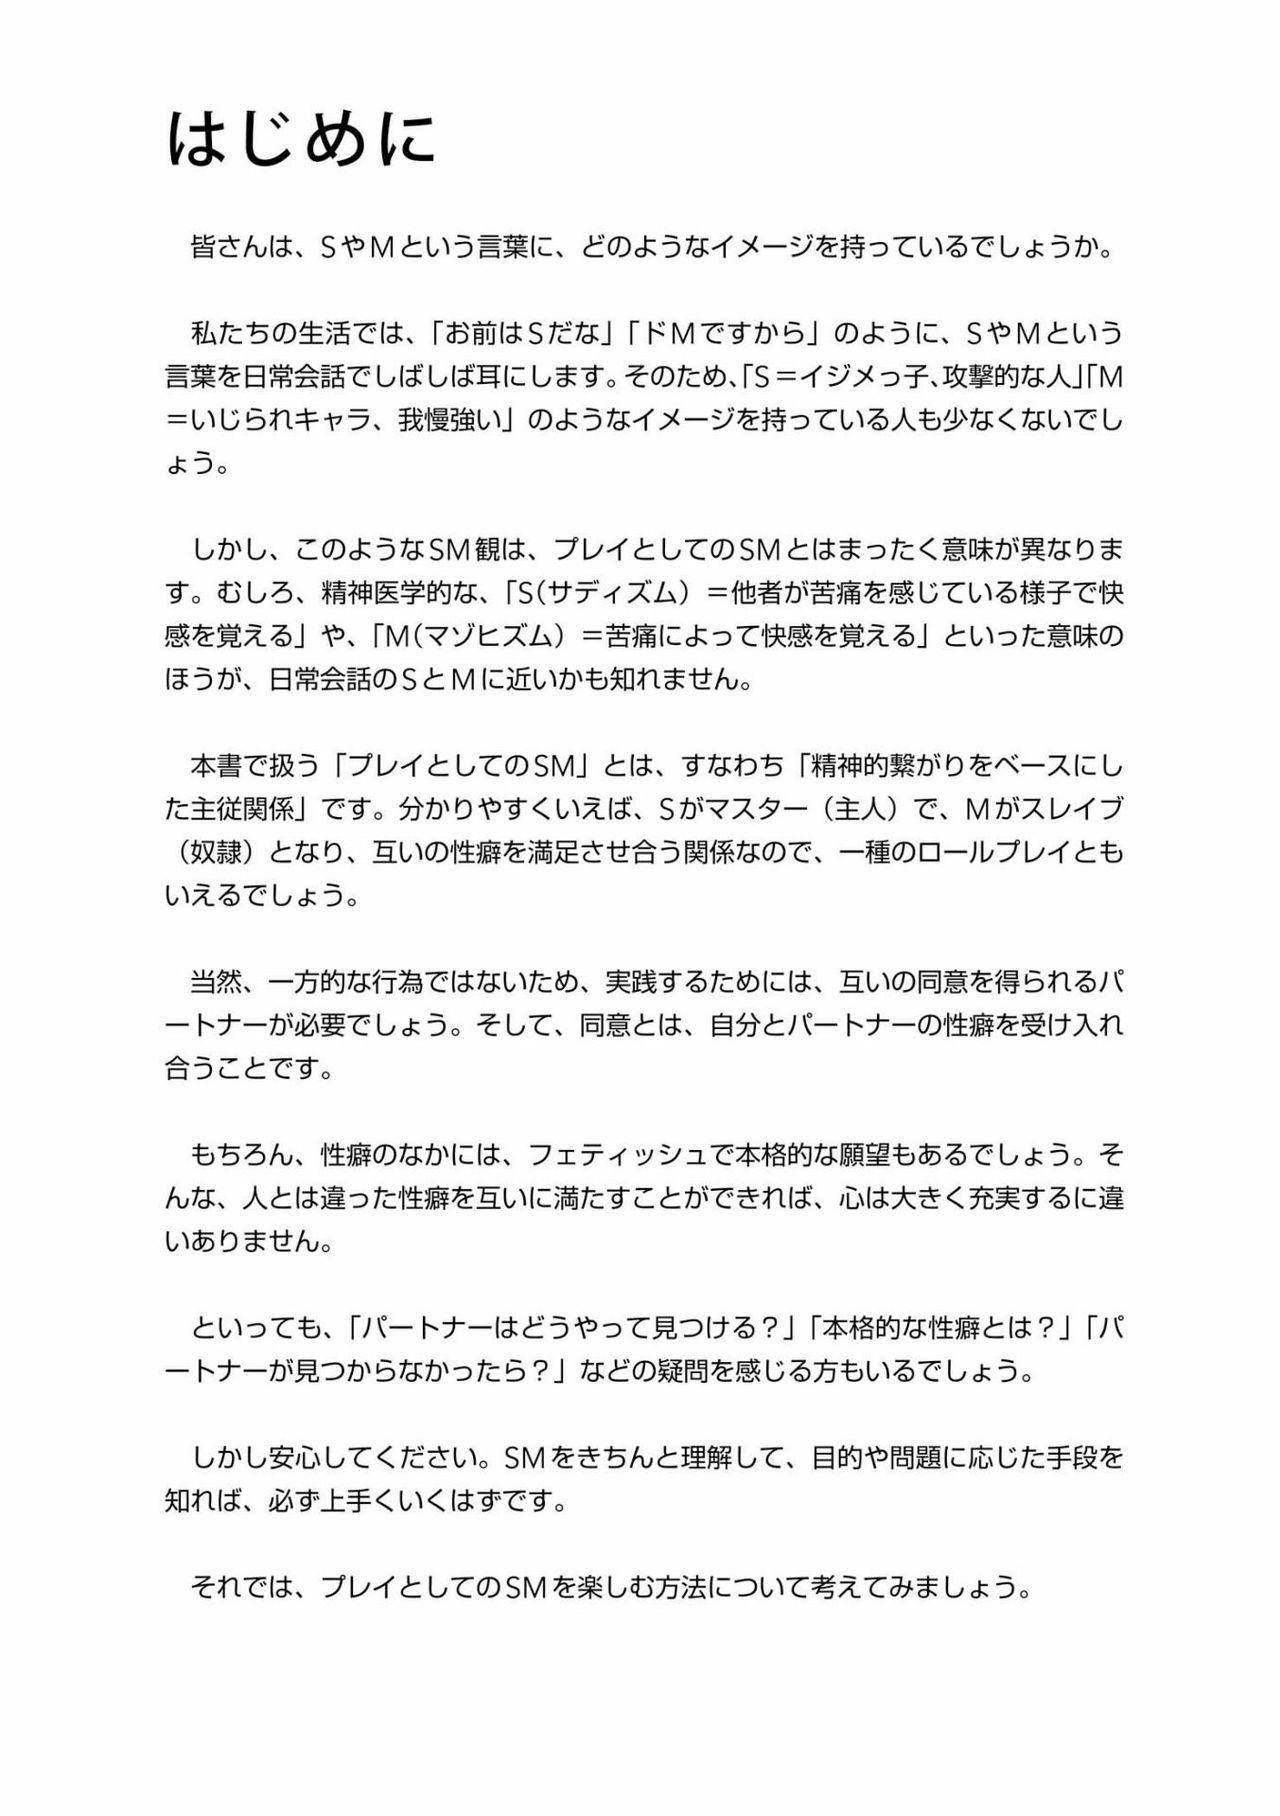 [Mitsuba] Karada mo Kokoro mo Boku no Mono ~Hajimete no SM Guide~ 2 [Digital] 4